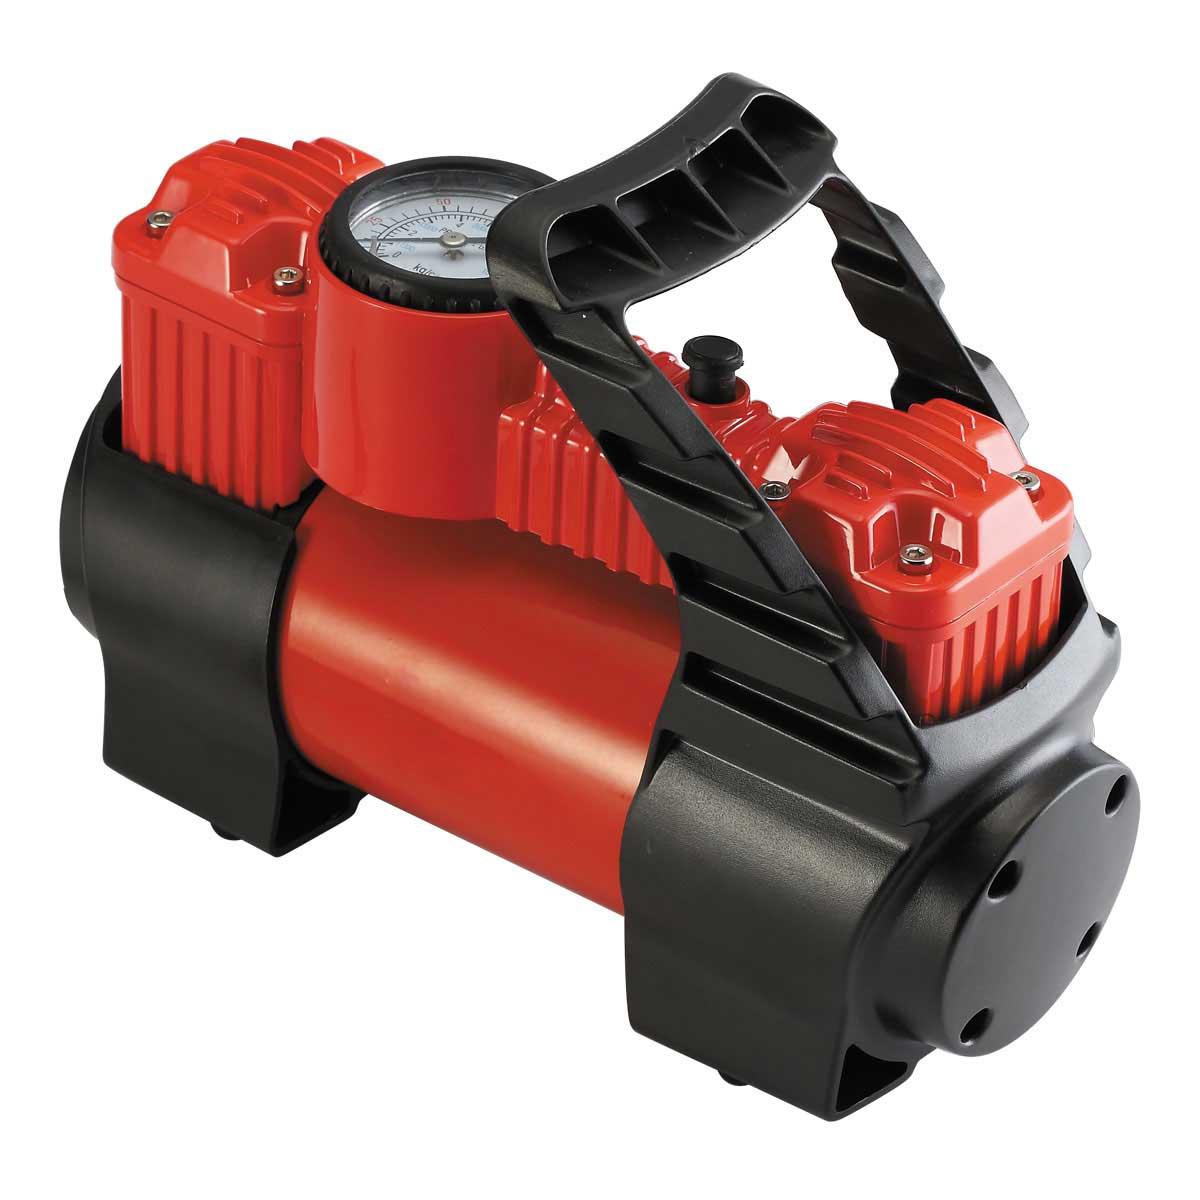 Автомобильный компрессор 12 В, 300 Вт, 11 атм, 55 л/мин Zipower